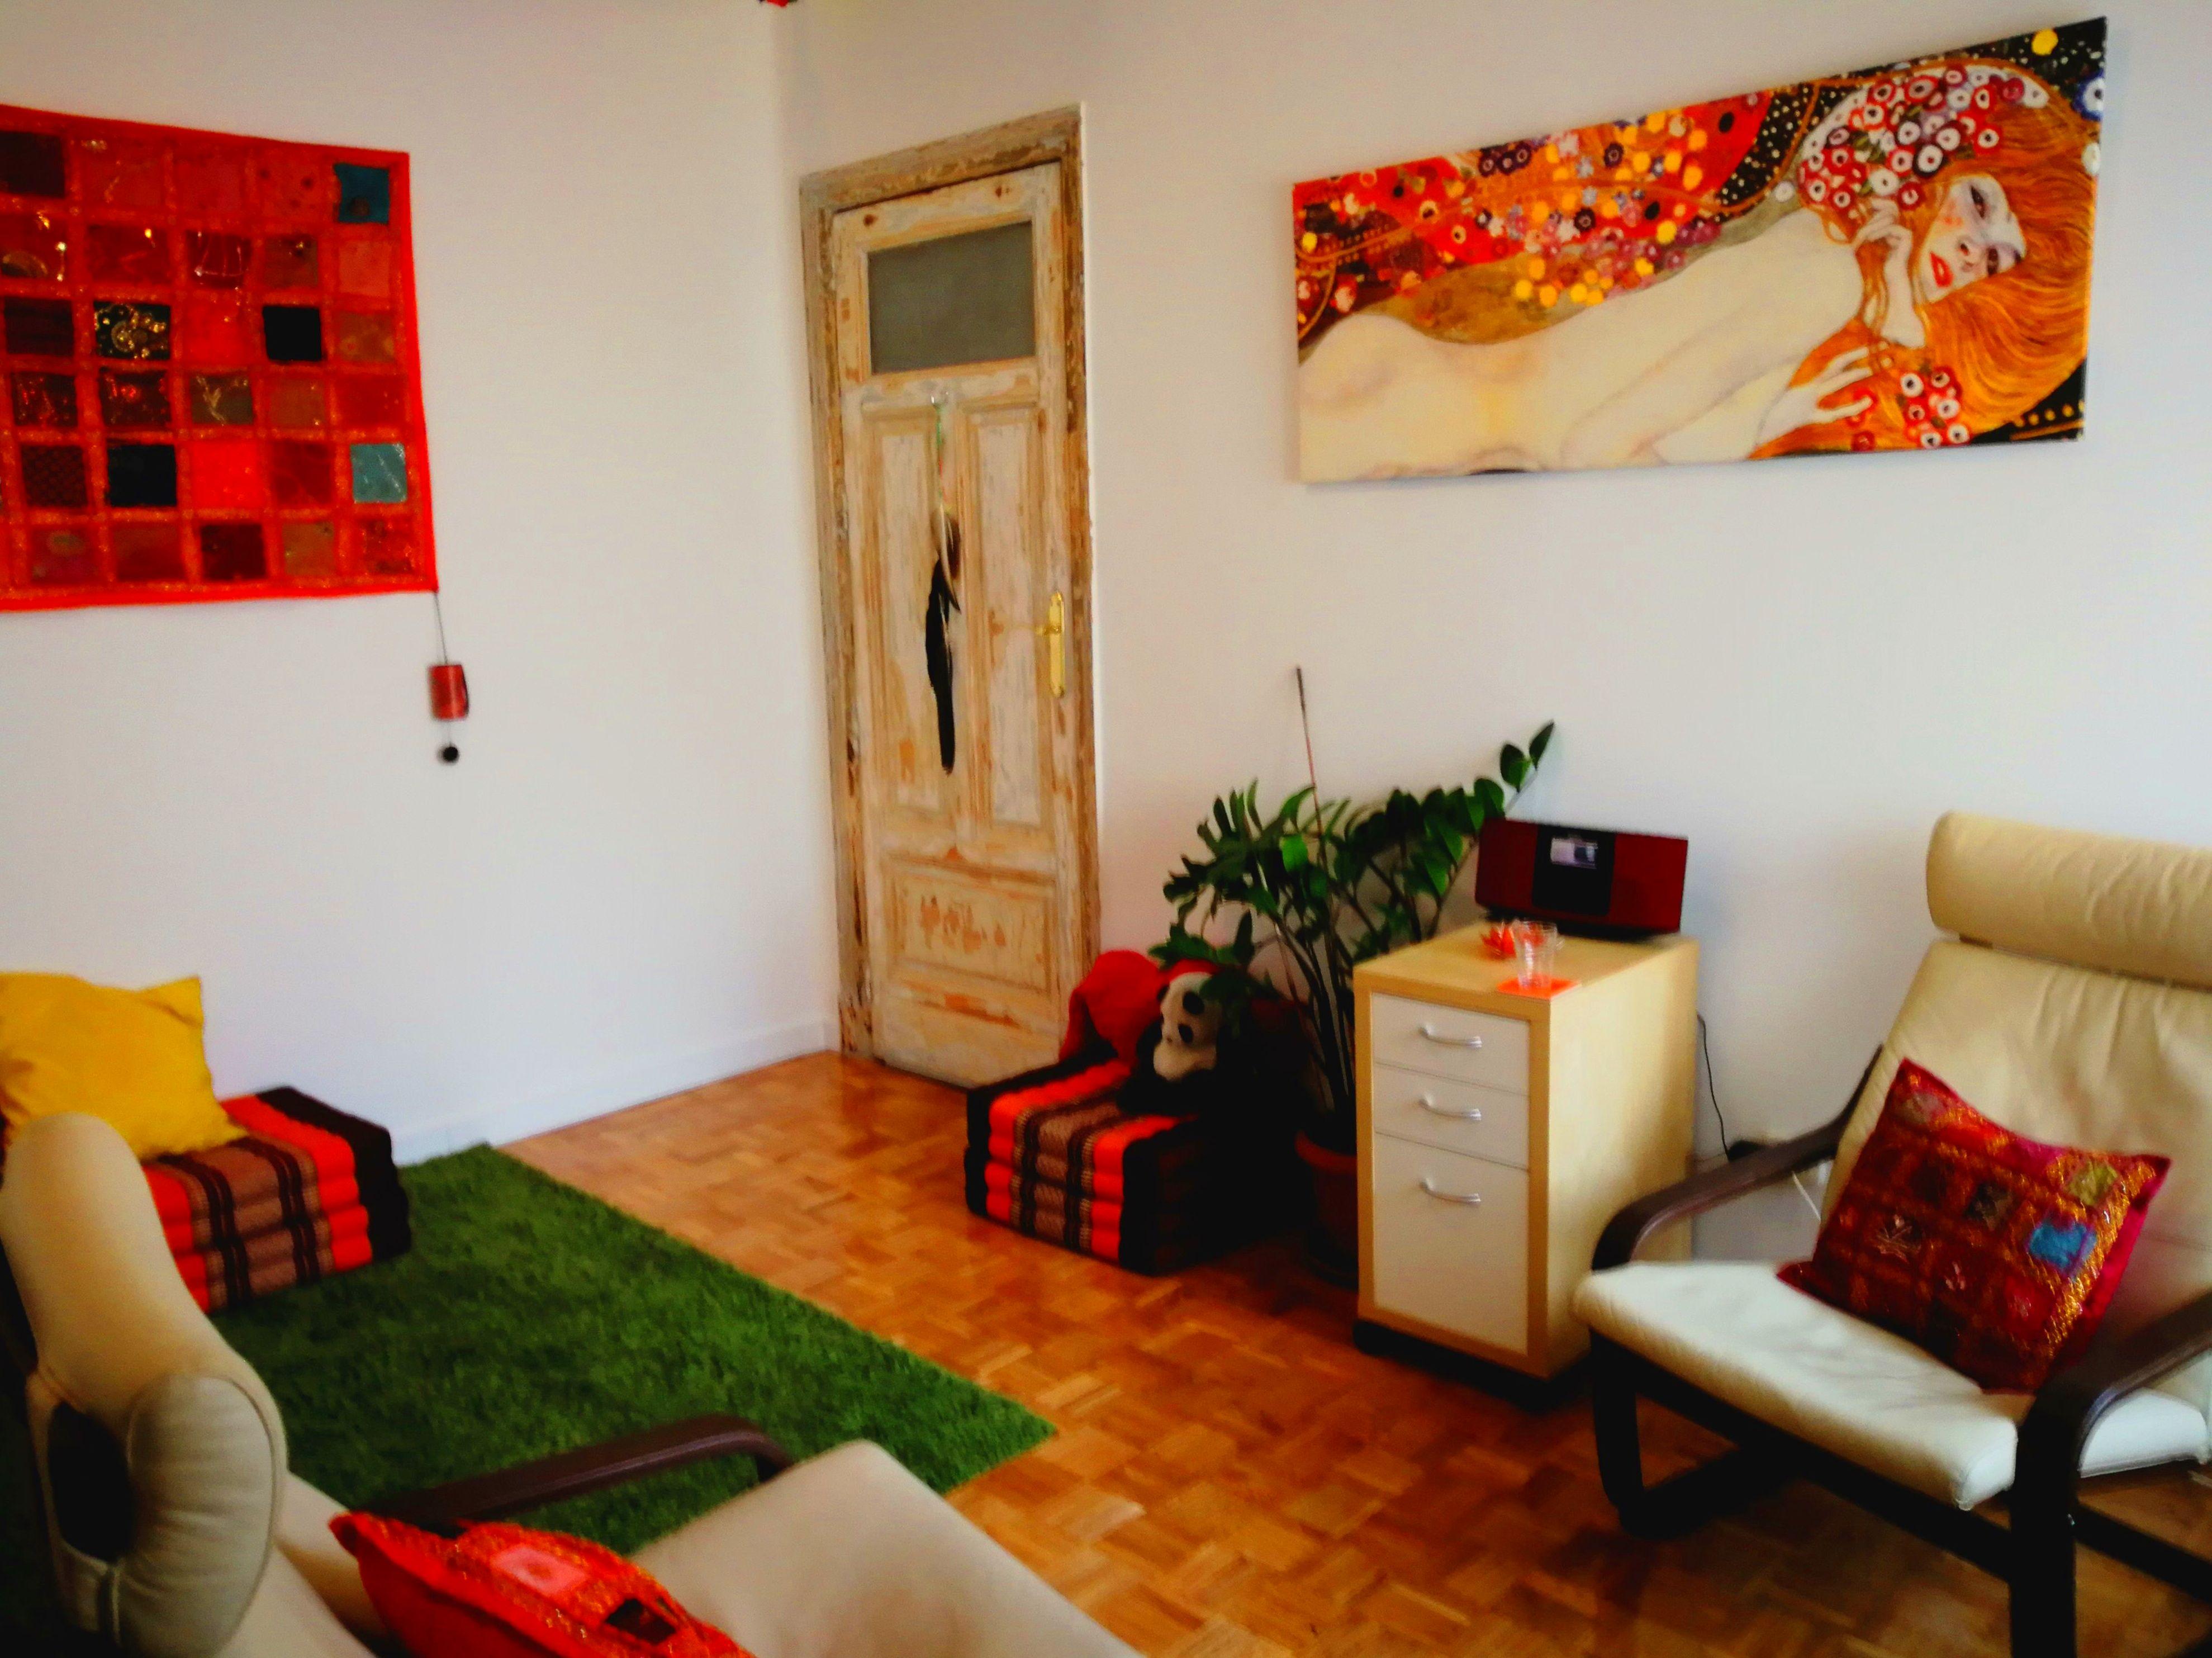 Foto 8 de Terapeuta en Madrid | Terapia Gestalt Integrativa